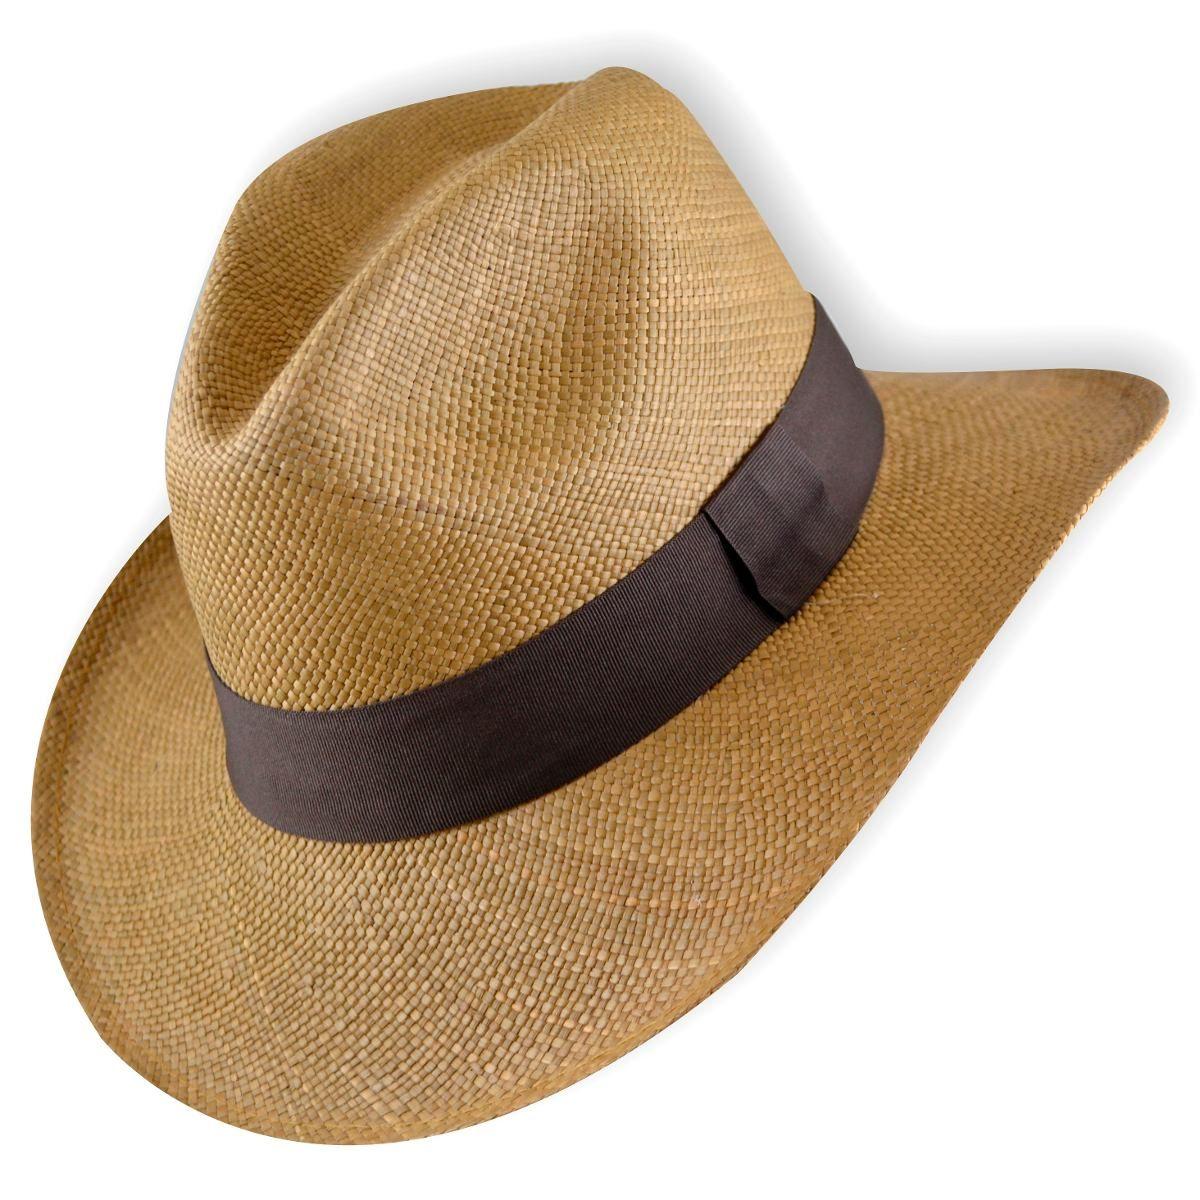 sombrero panamá de ecuador jipijapa para hombre  0353b62fc8d